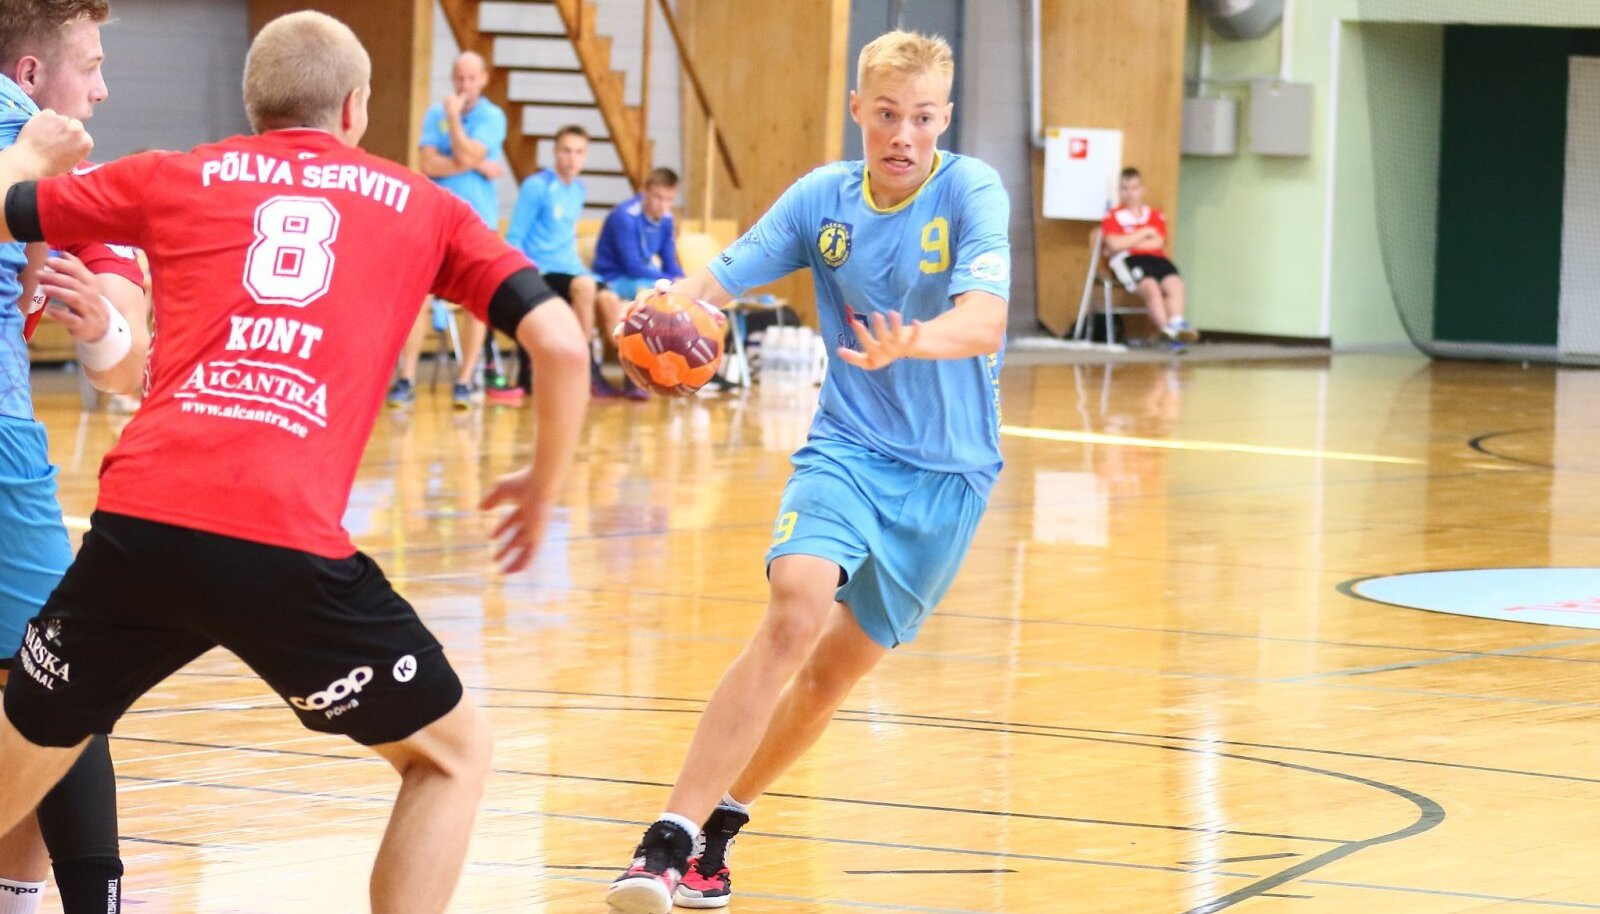 Balti liigas 60 ja Eesti meistriliigas 79 väravat sel hooajal visanud Hendrik Koks